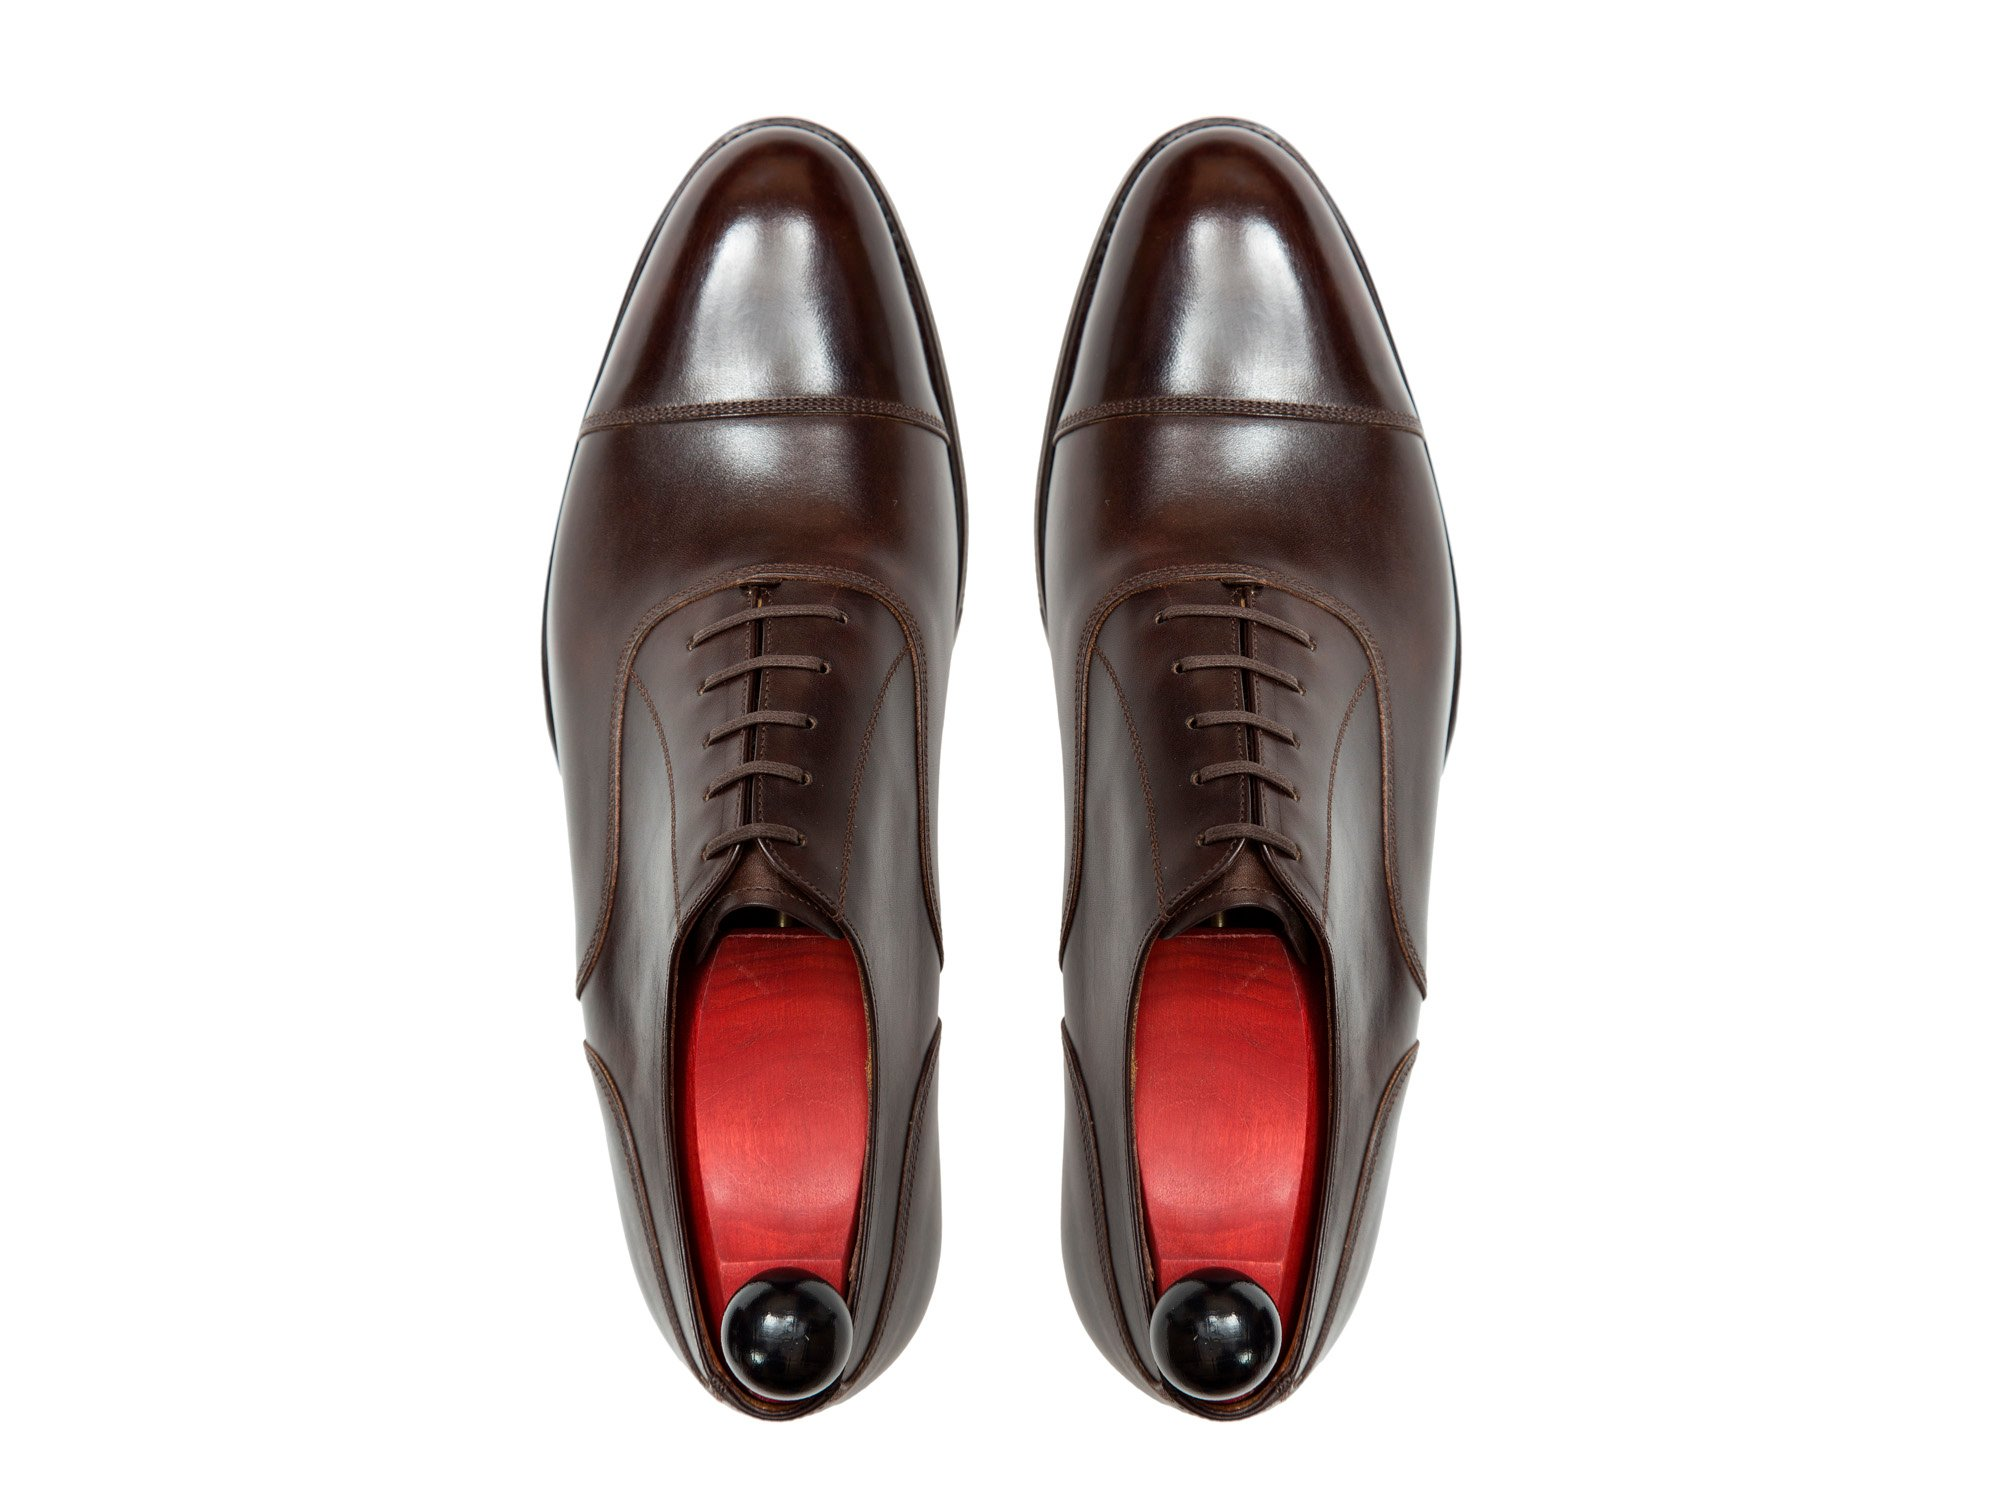 J.FitzPatrick Footwear TMG Last